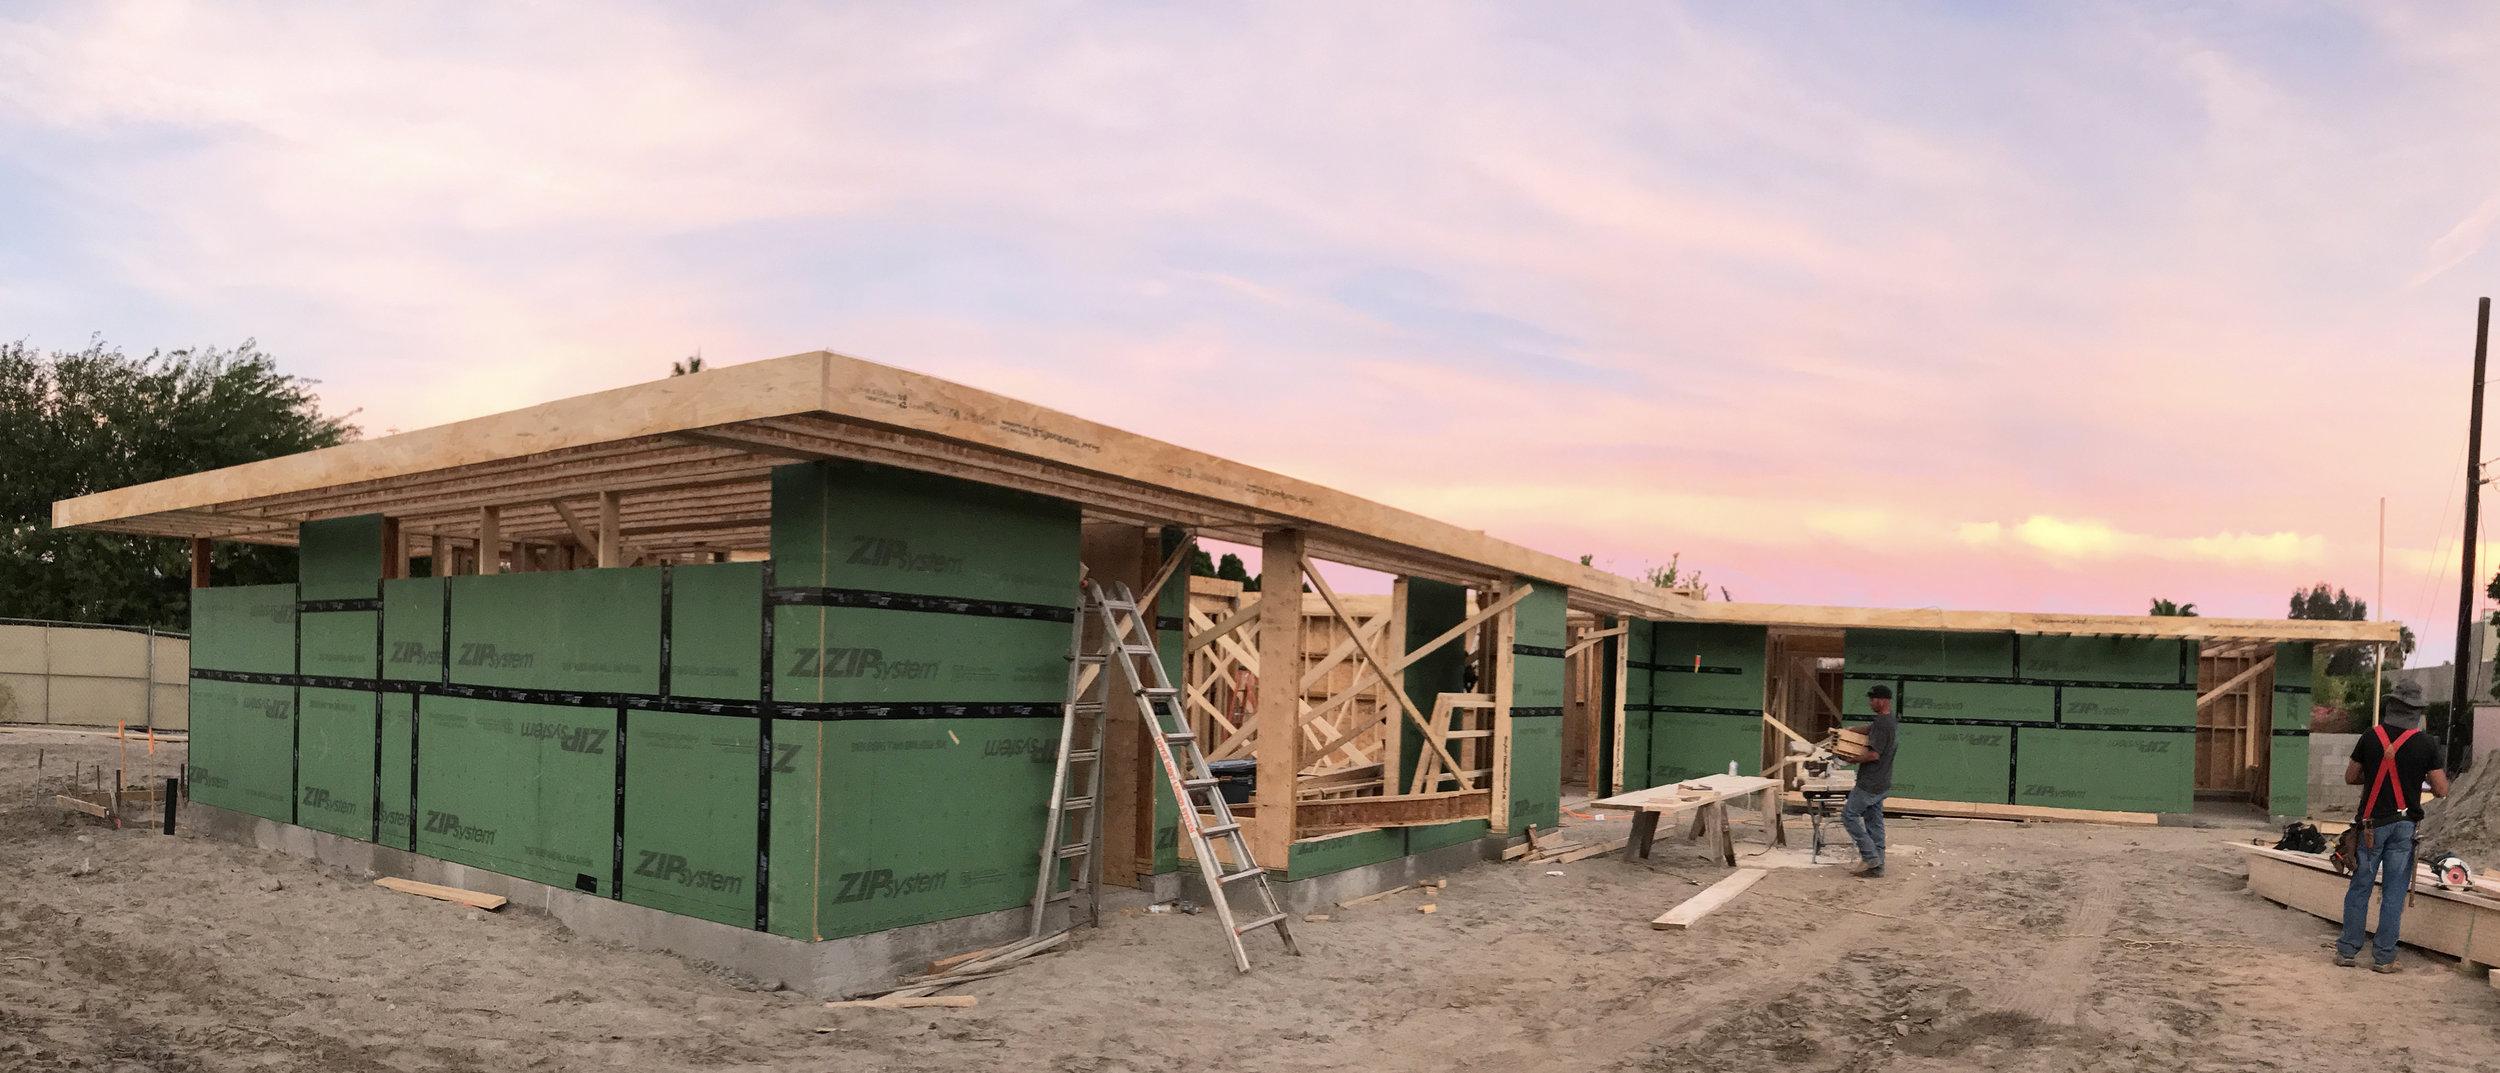 turkel_design_modern_prefab_home_axiomdeserthouse_assembly_sunset.jpg